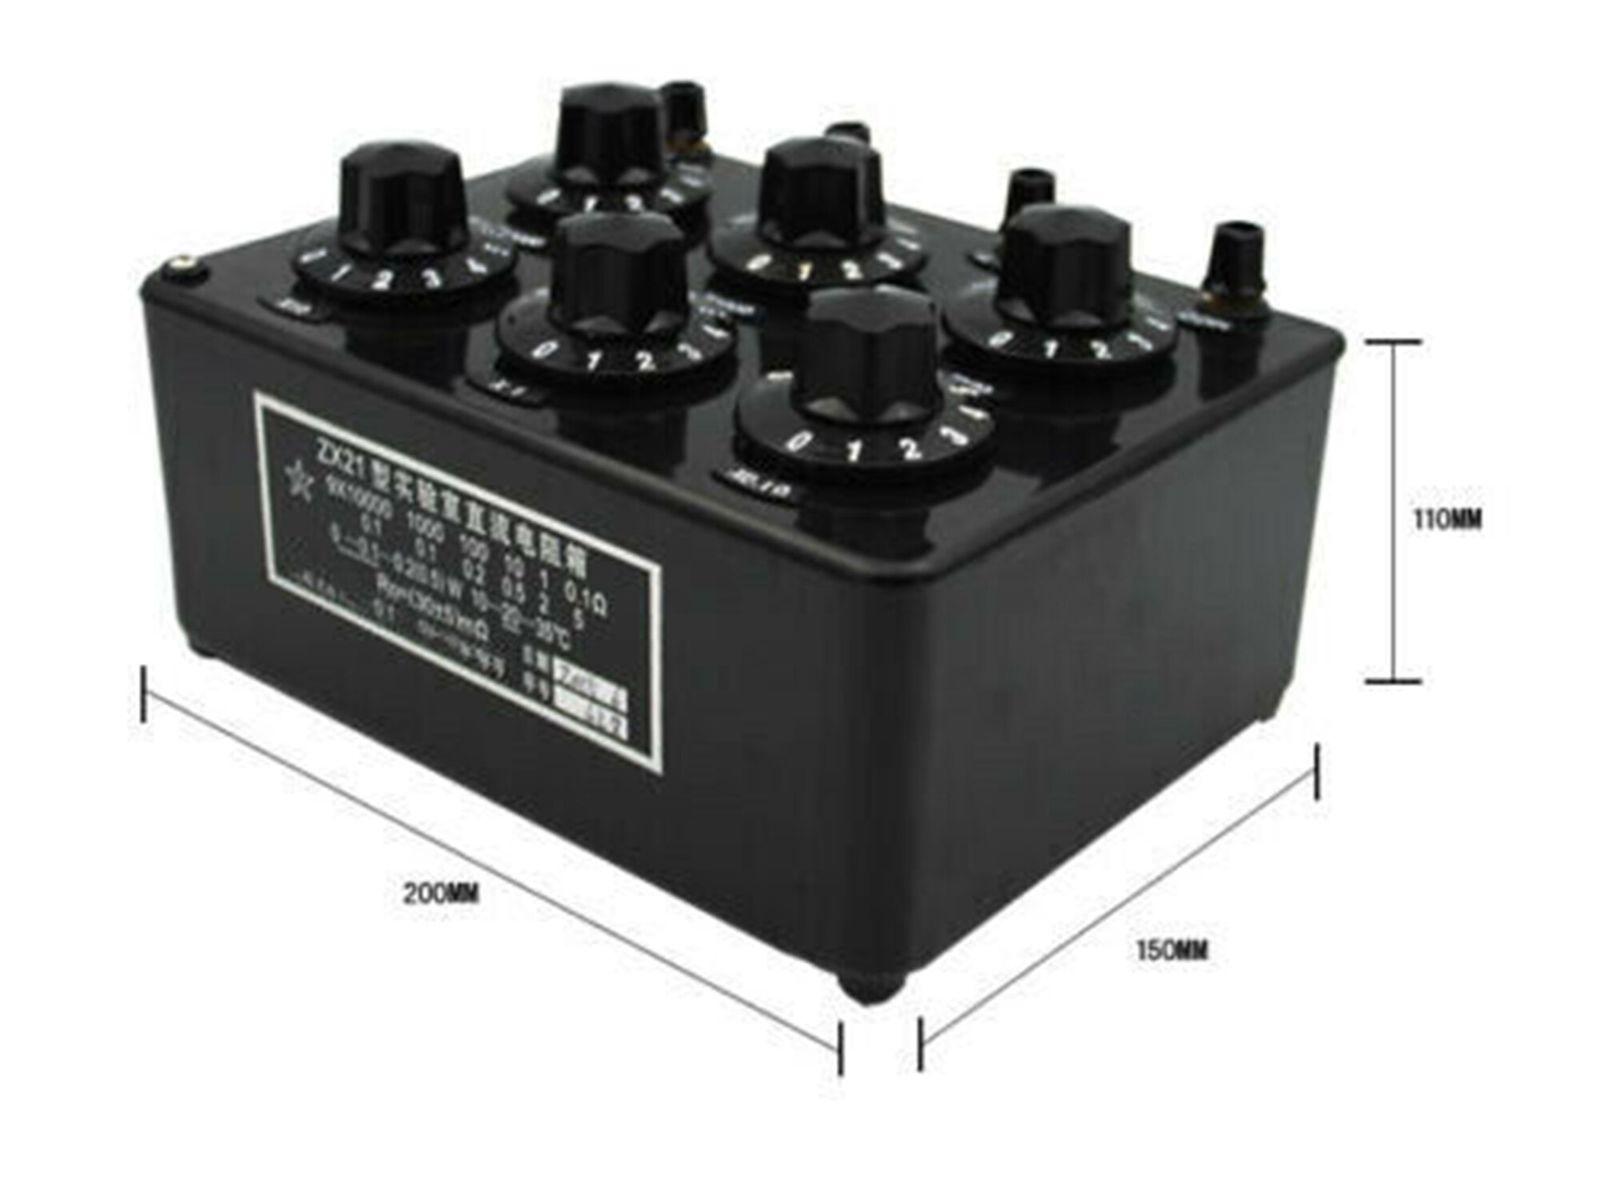 高品質の激安 ZX21B 精密ダイヤル式可変抵抗器 0.1Ω〜100KΩ 精度 0.1%, こたつ専門店 カグ楽 8c53cba3